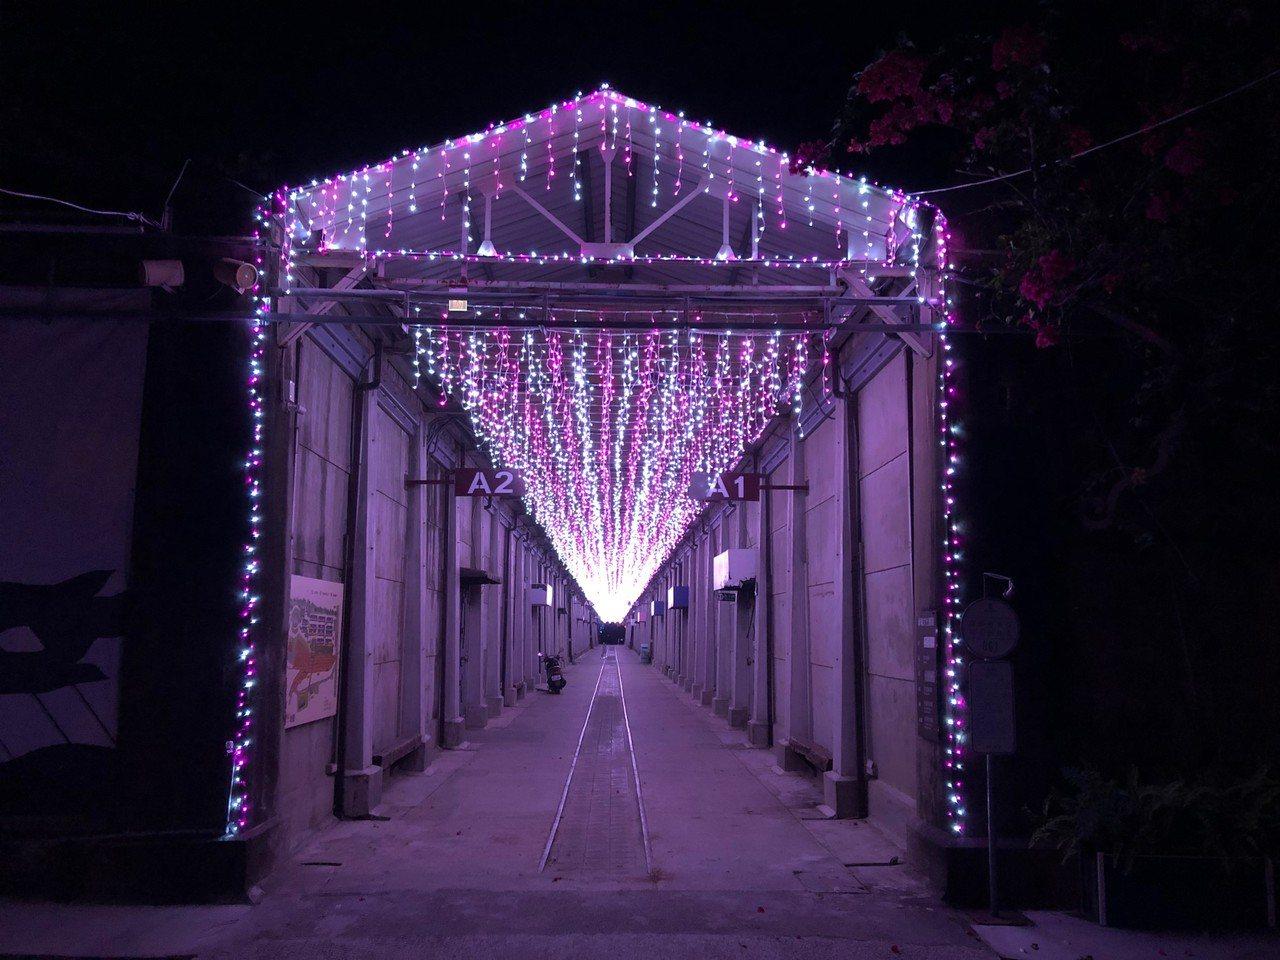 台南耶诞跨年系列活动,第二场在萧柯文化园区登场。图/台南巿府提供